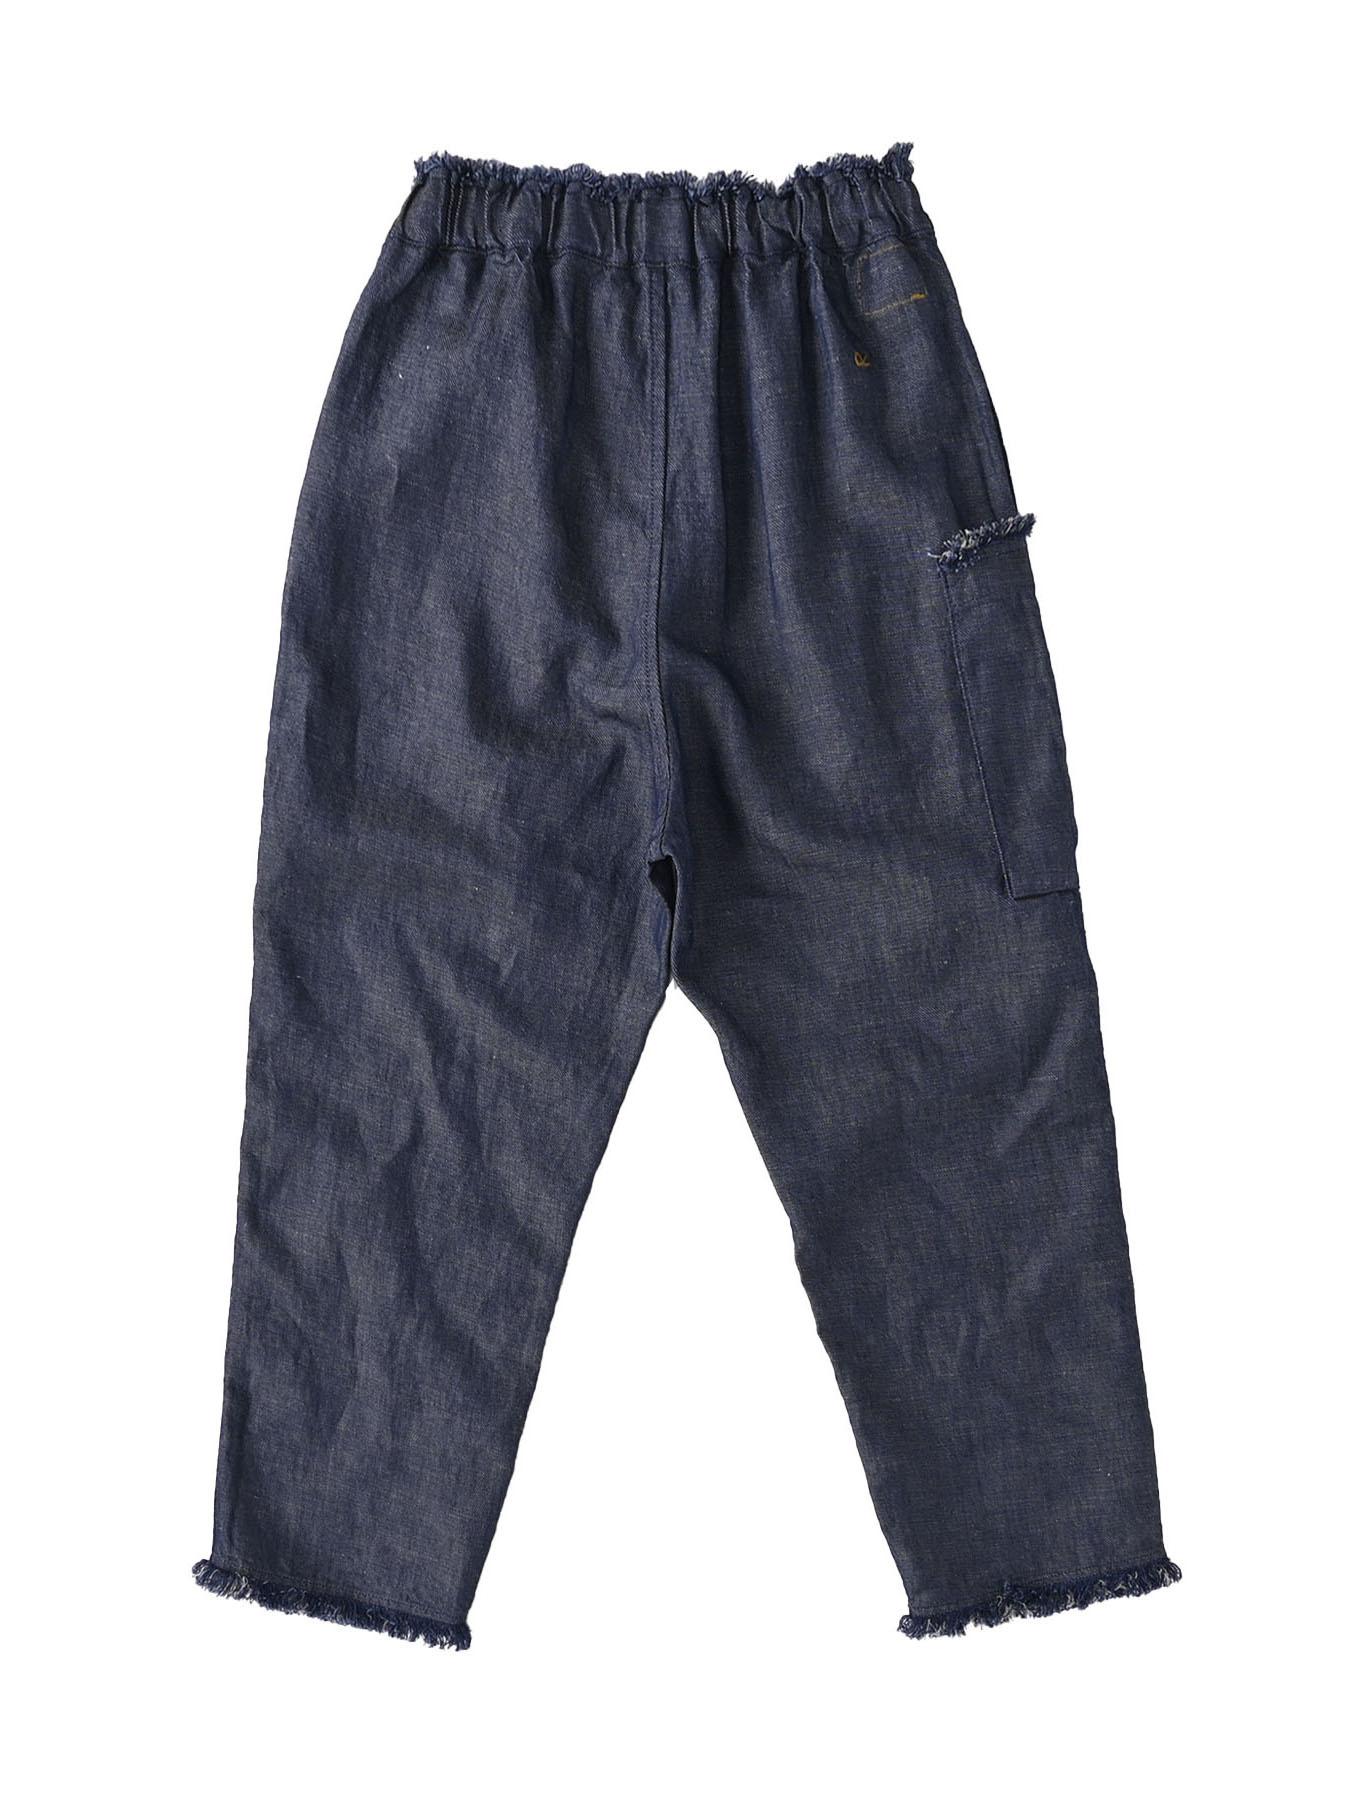 Indigo Cotton Linen Zakkuri Denim Easy Pants (0521)-6